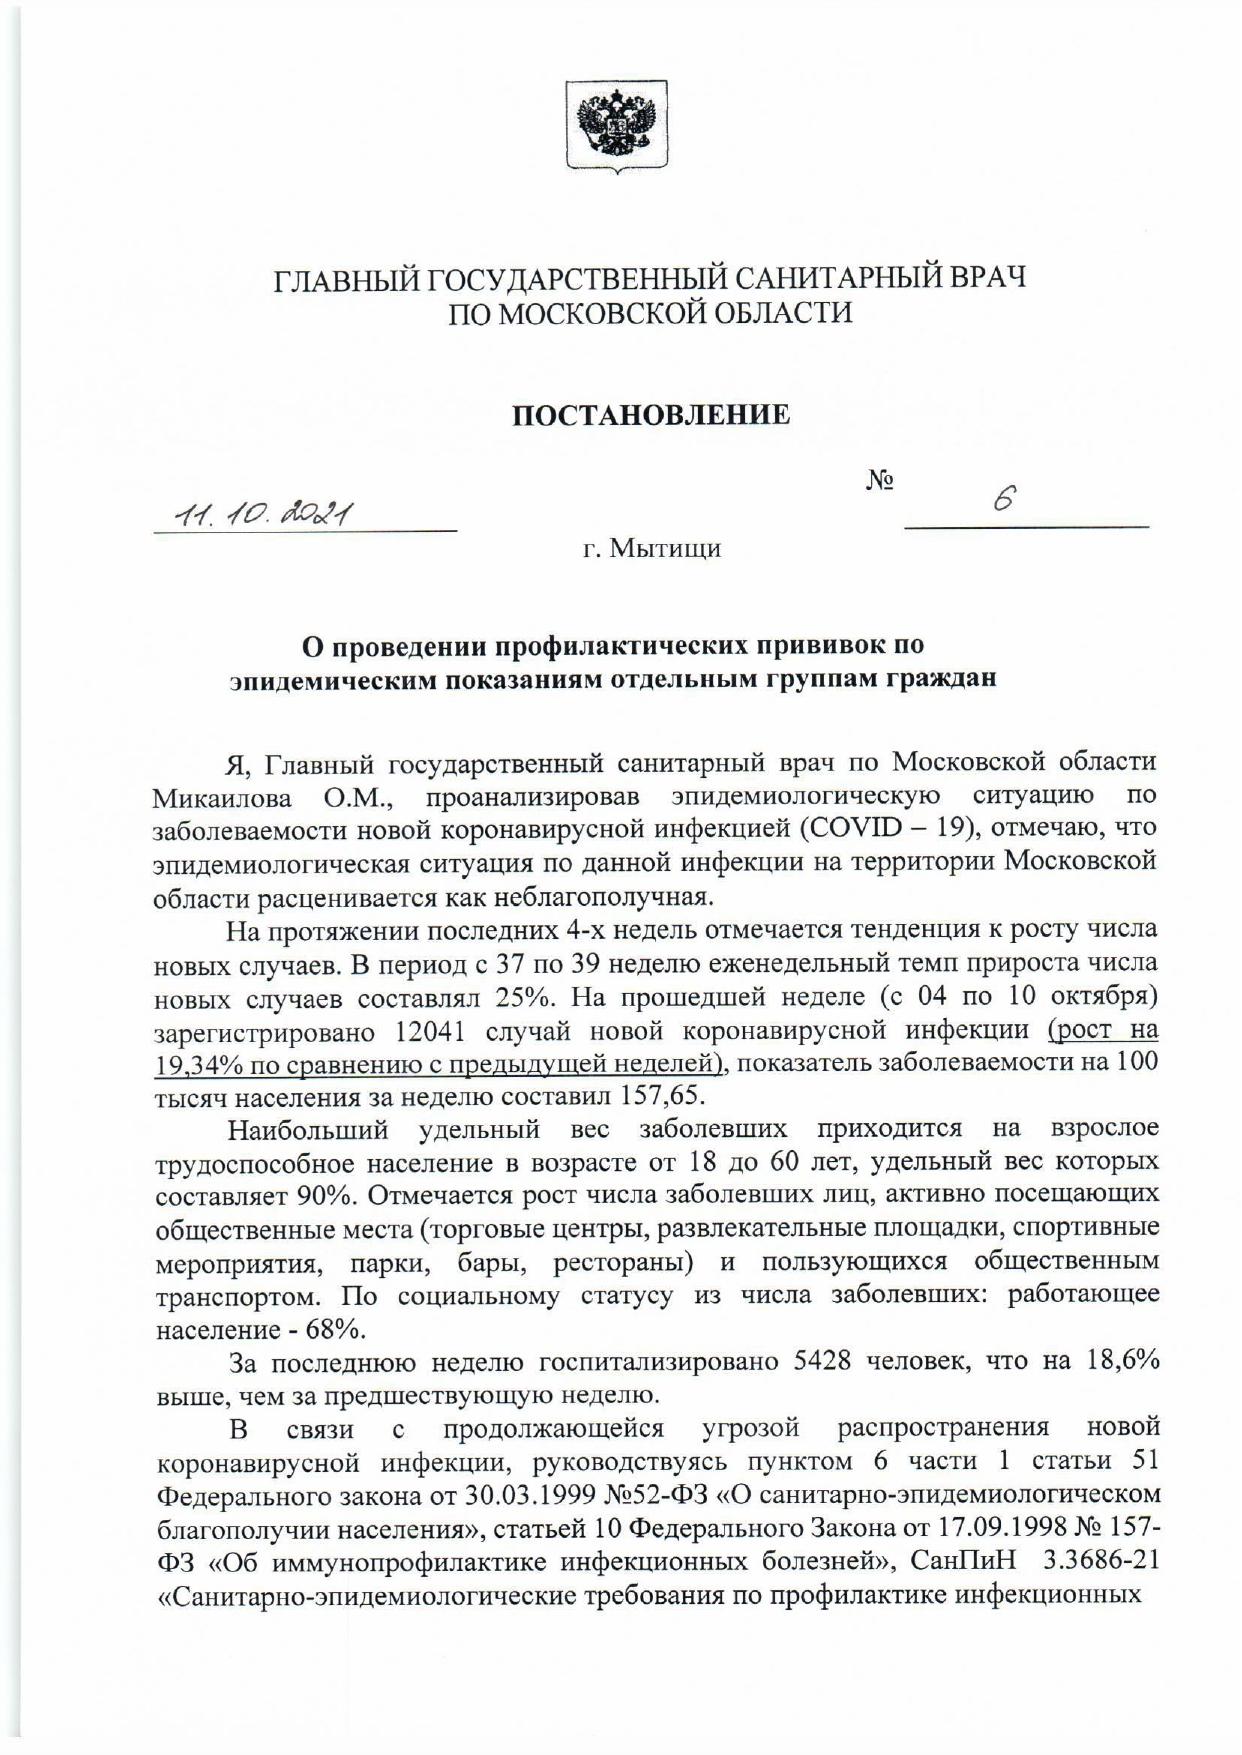 Постановление об обязательной вакцинации в Московской области (МО) № 6 от 11 октября 2021 года (11.10.2021) 1